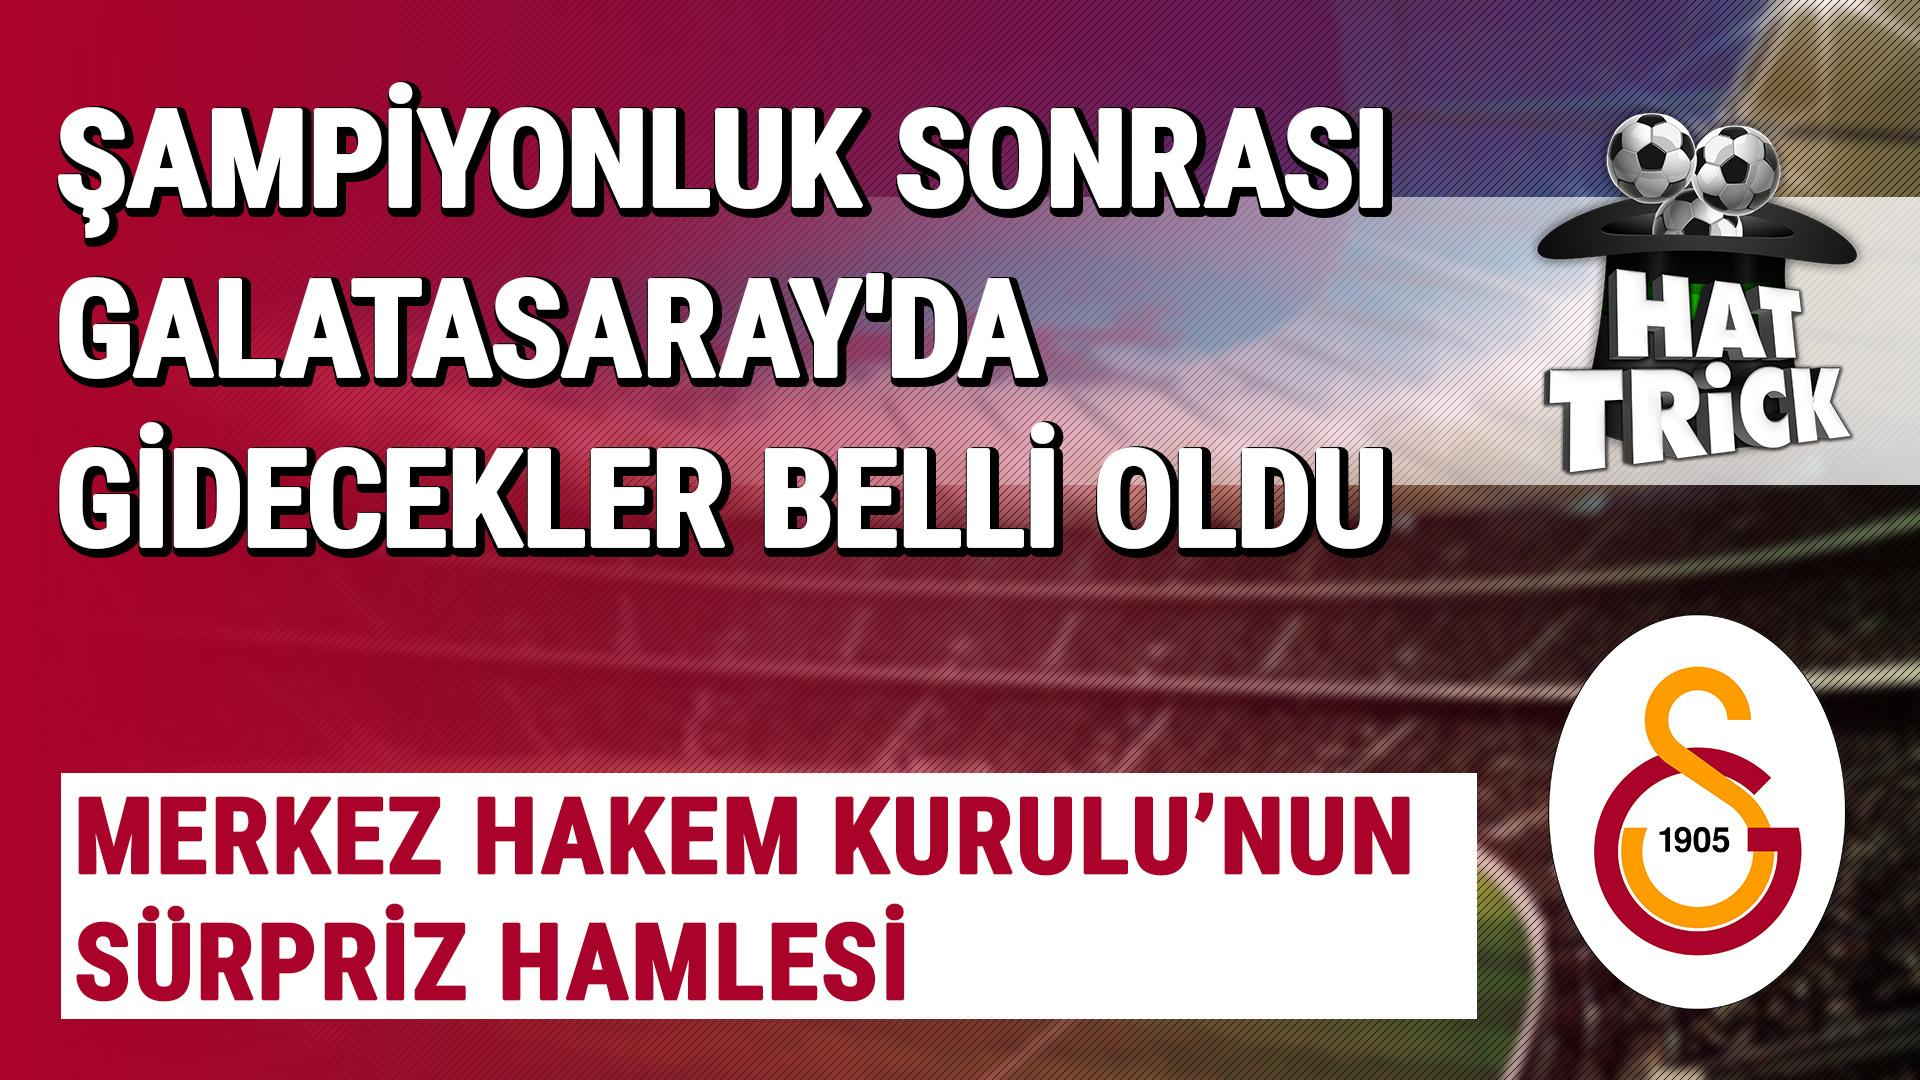 Şampiyon Galatasaray'da Gidecekler Belli Oldu! İşte O İsimler...